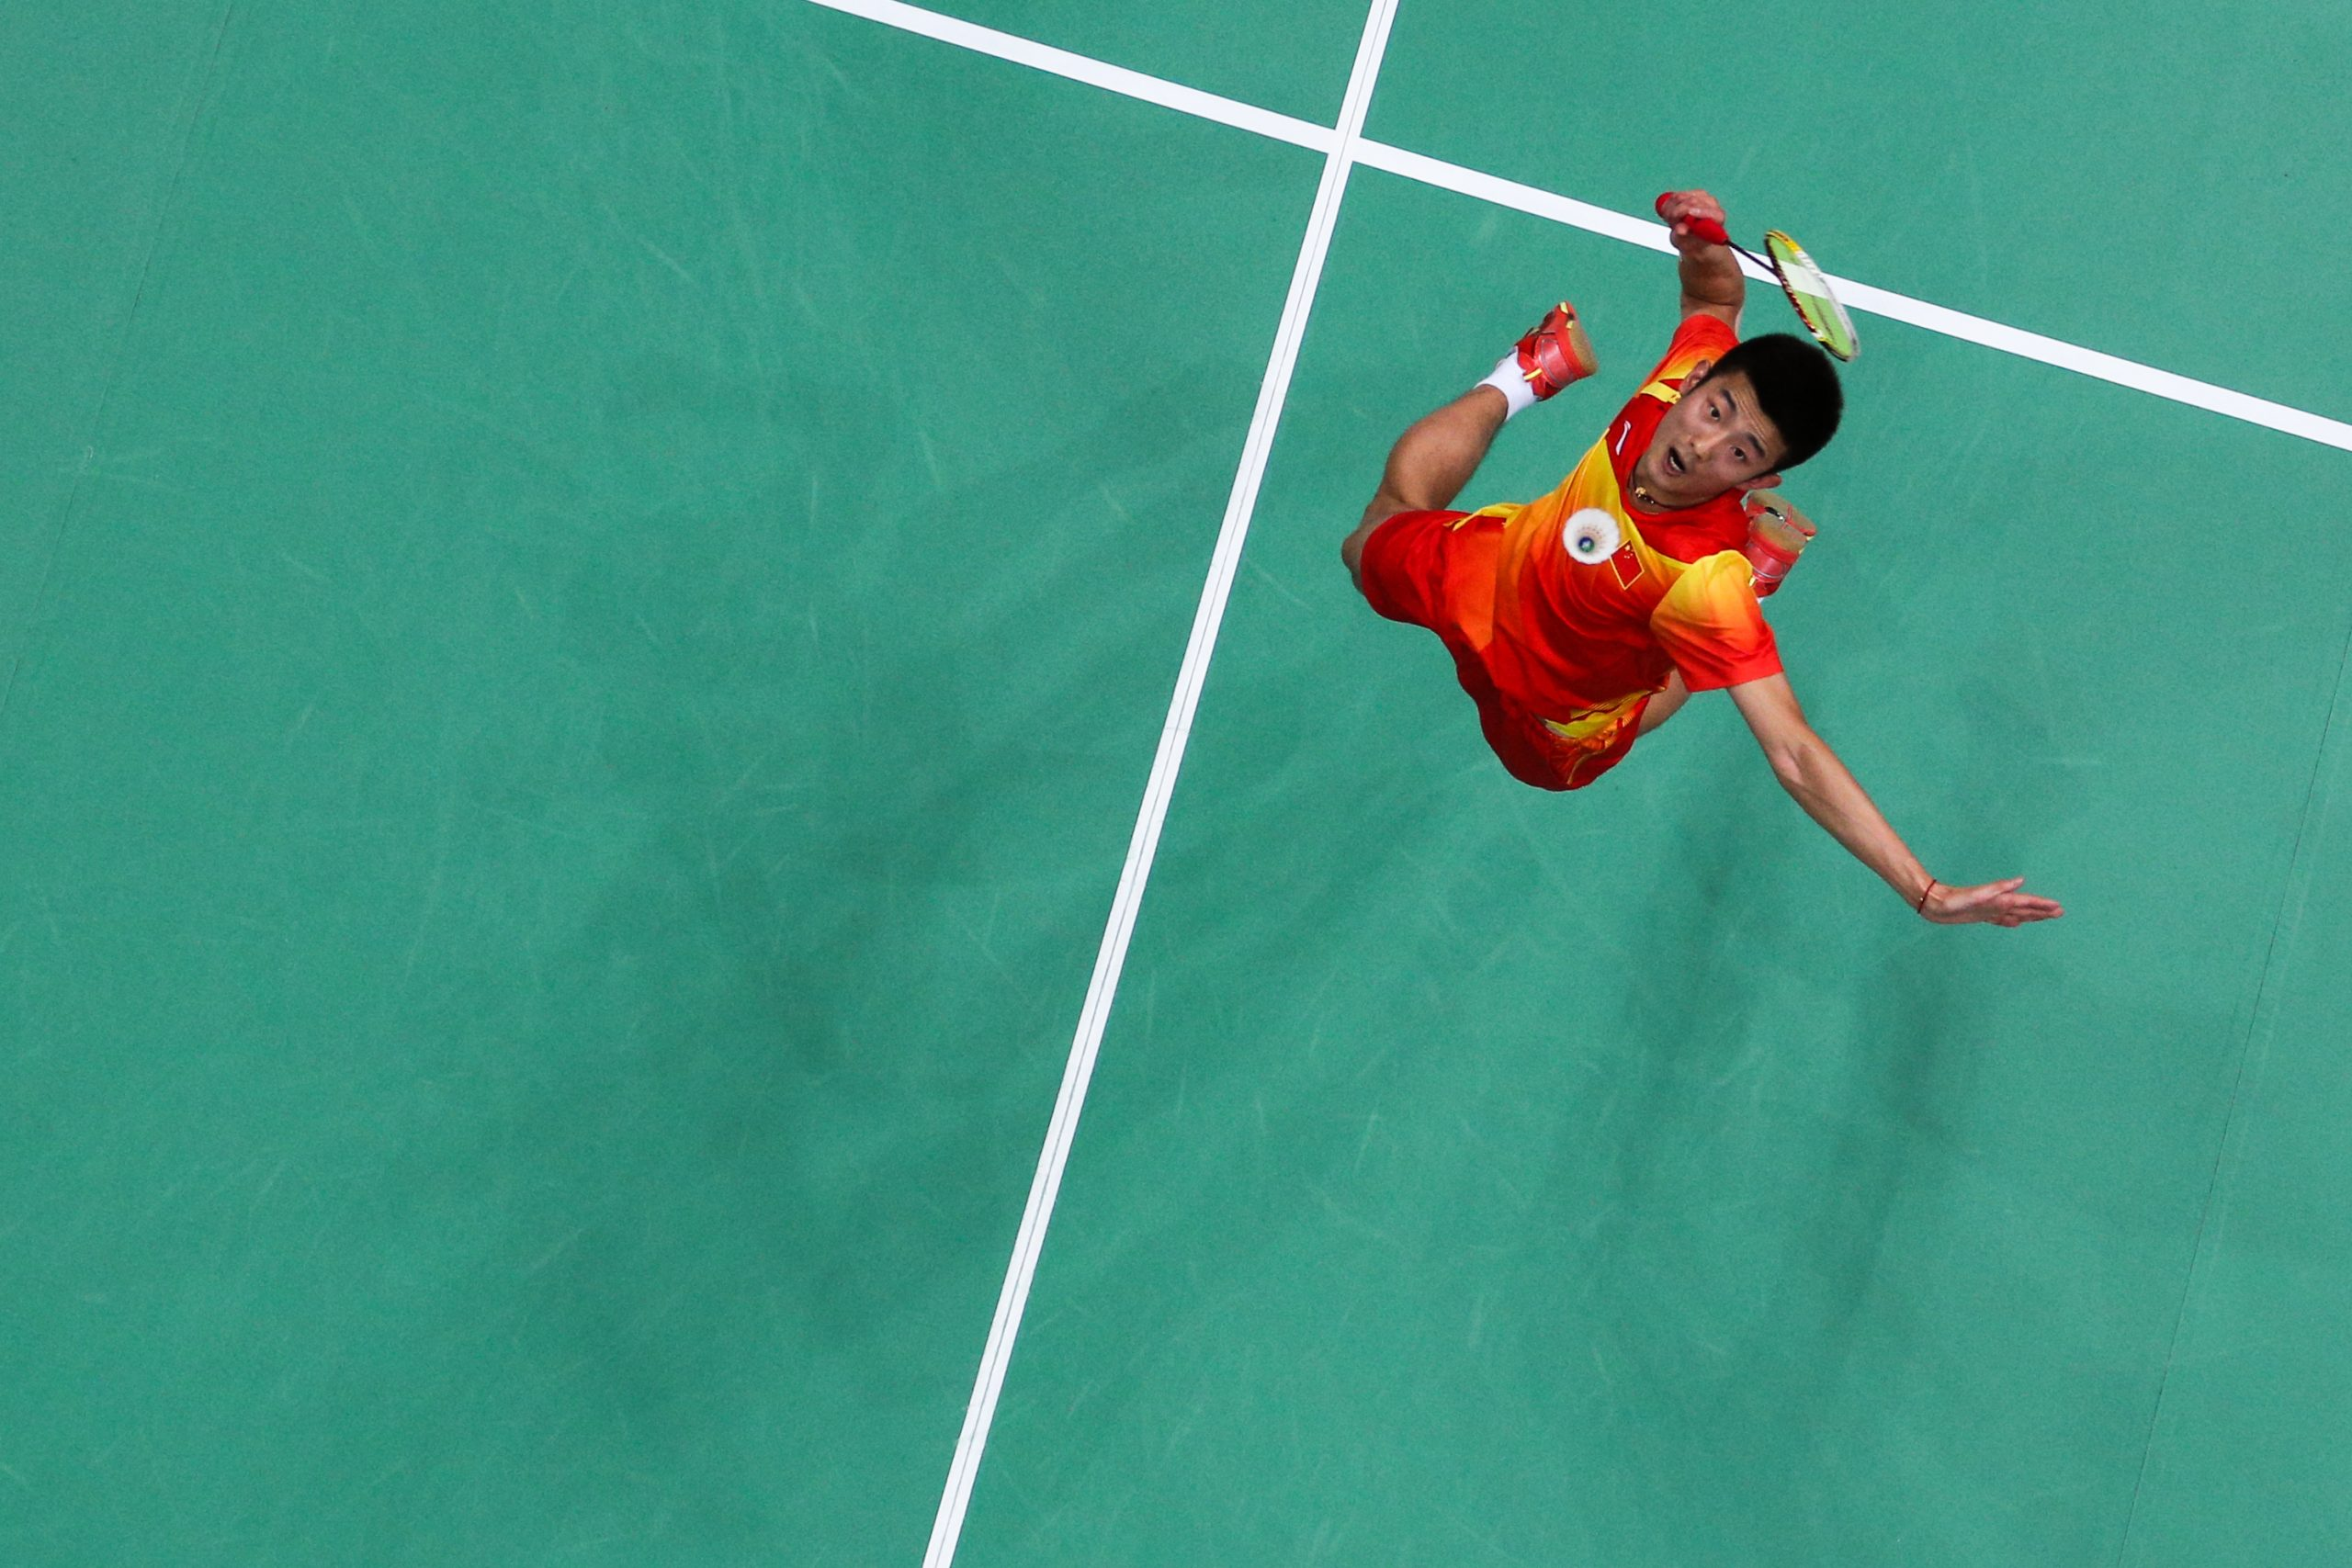 Joueur de badminton vu d'en haut en train d'exécuter un smash.